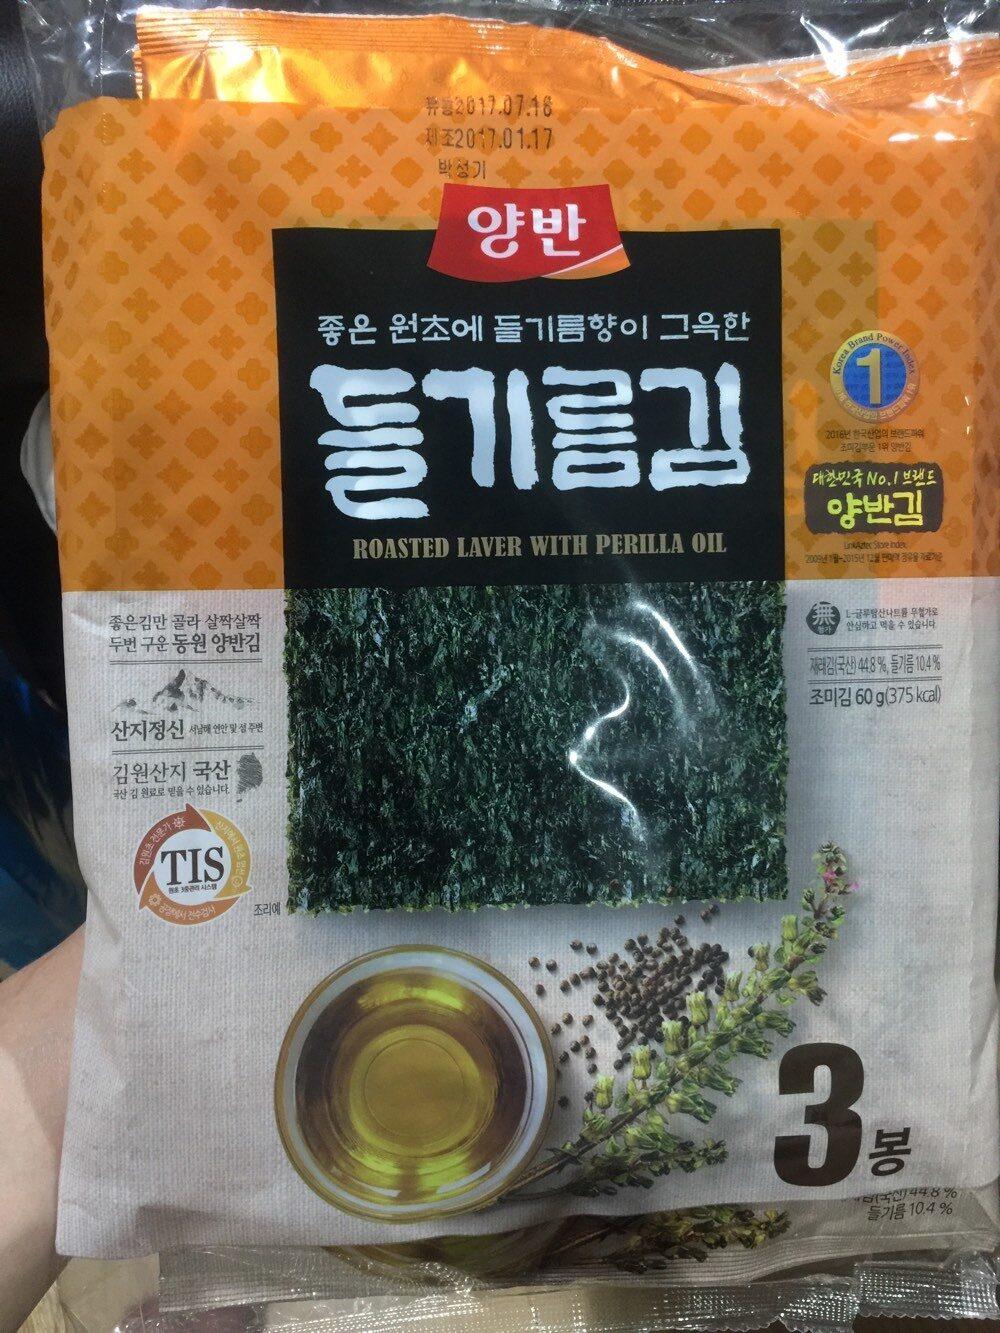 สาหร่ายเกาหลีถุงสีเหลือง - Product - th